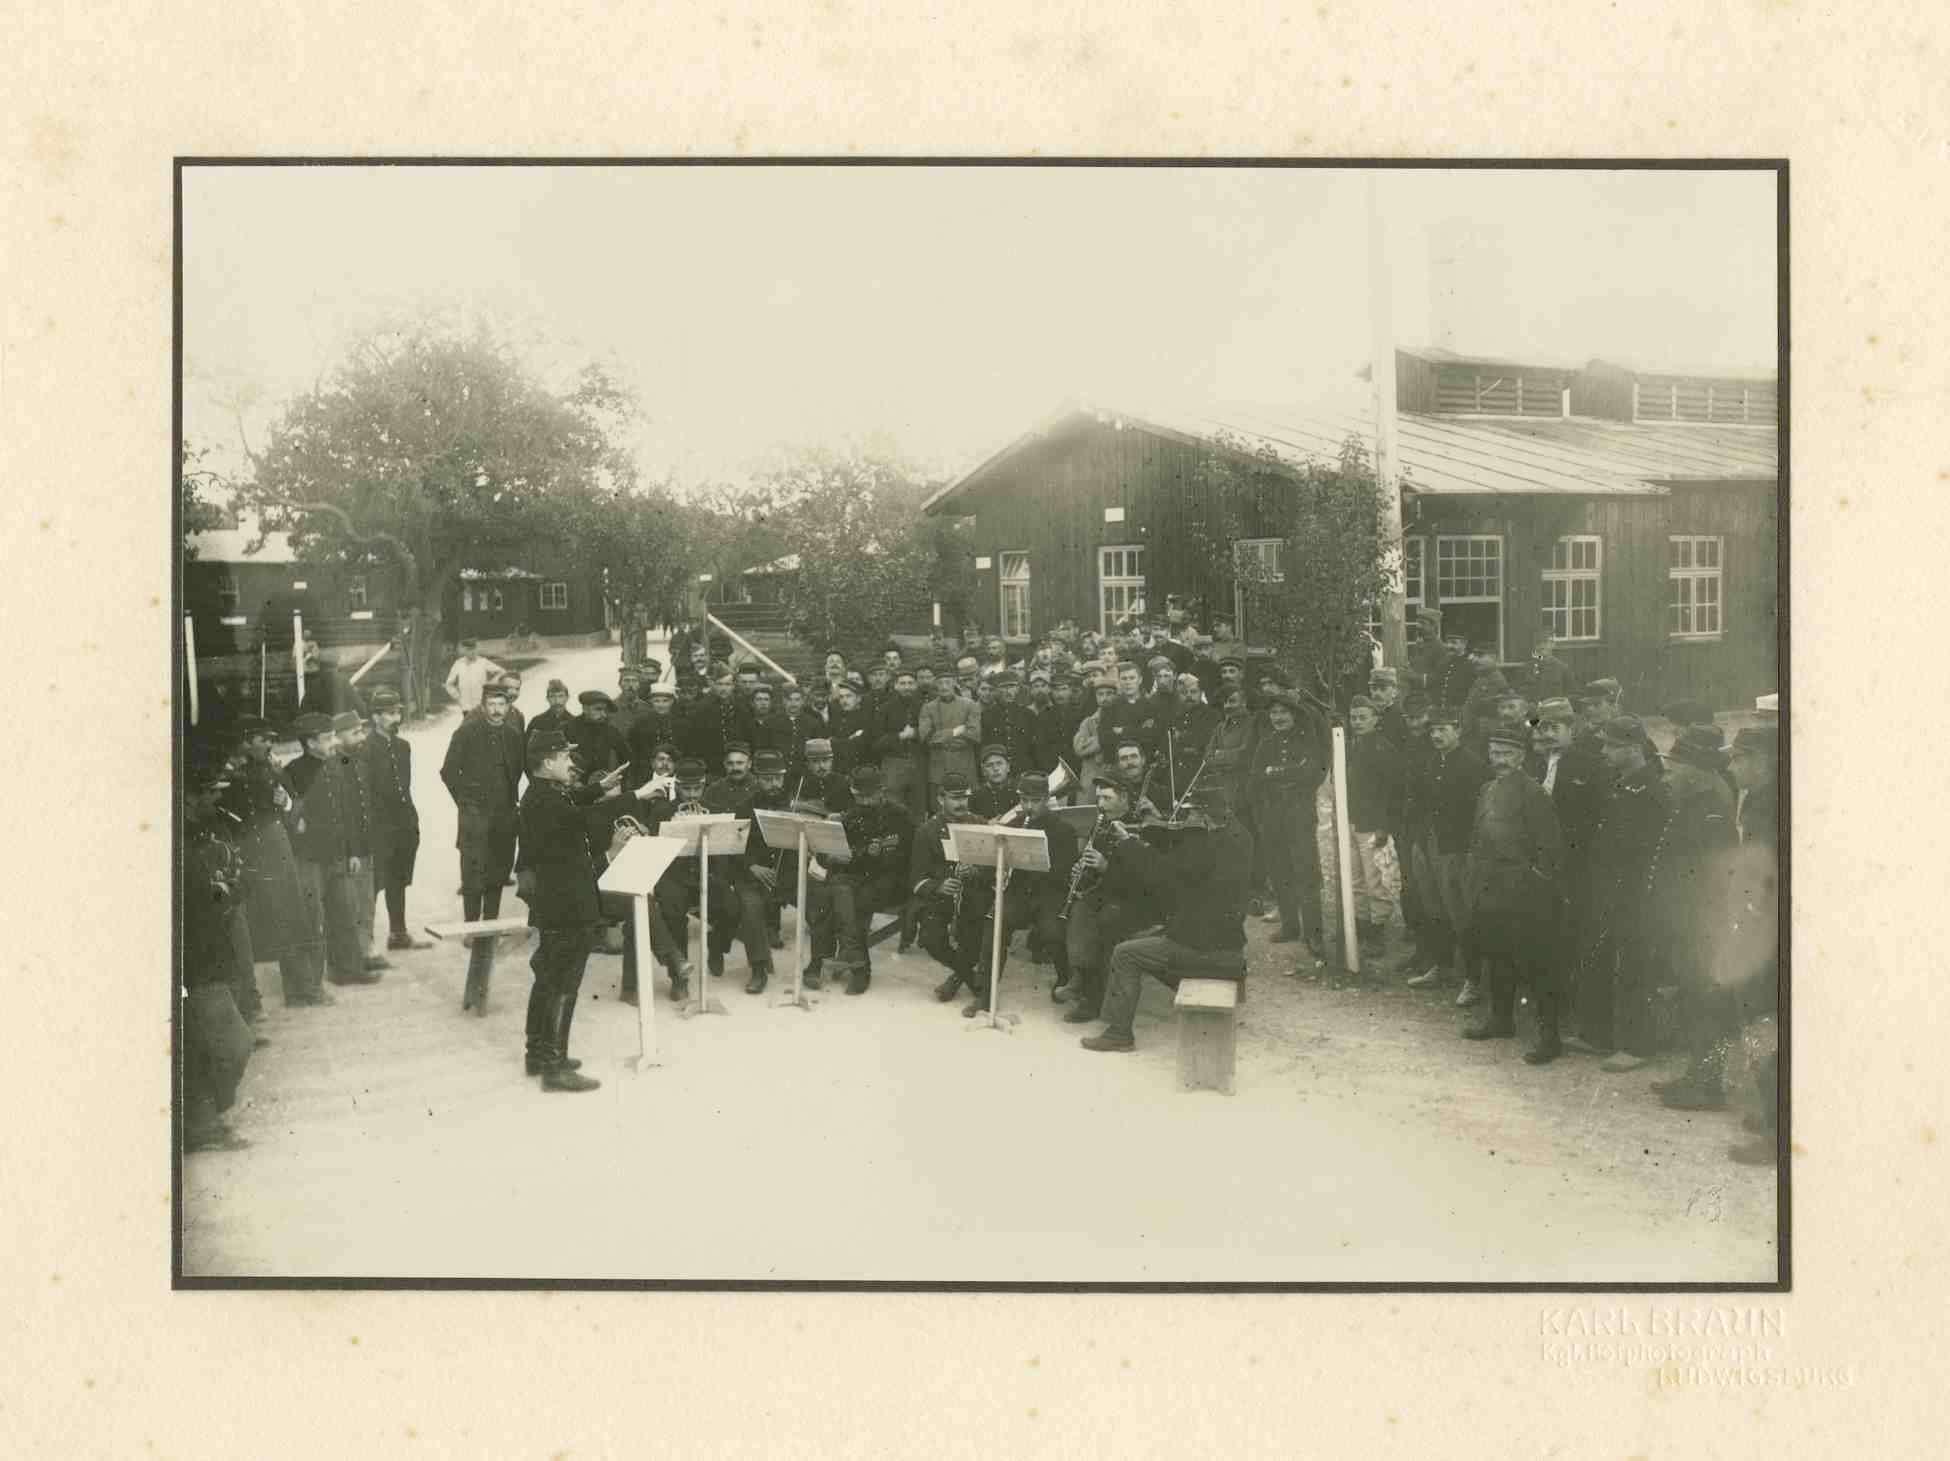 Winterbild, Kriegsgefangene musizieren als Orchester für Kriegsgefangene, teils stehend, teils sitzend im Hof Kriegsgefangenenlager Ludwigsburg-Eglosheim, Bild 1